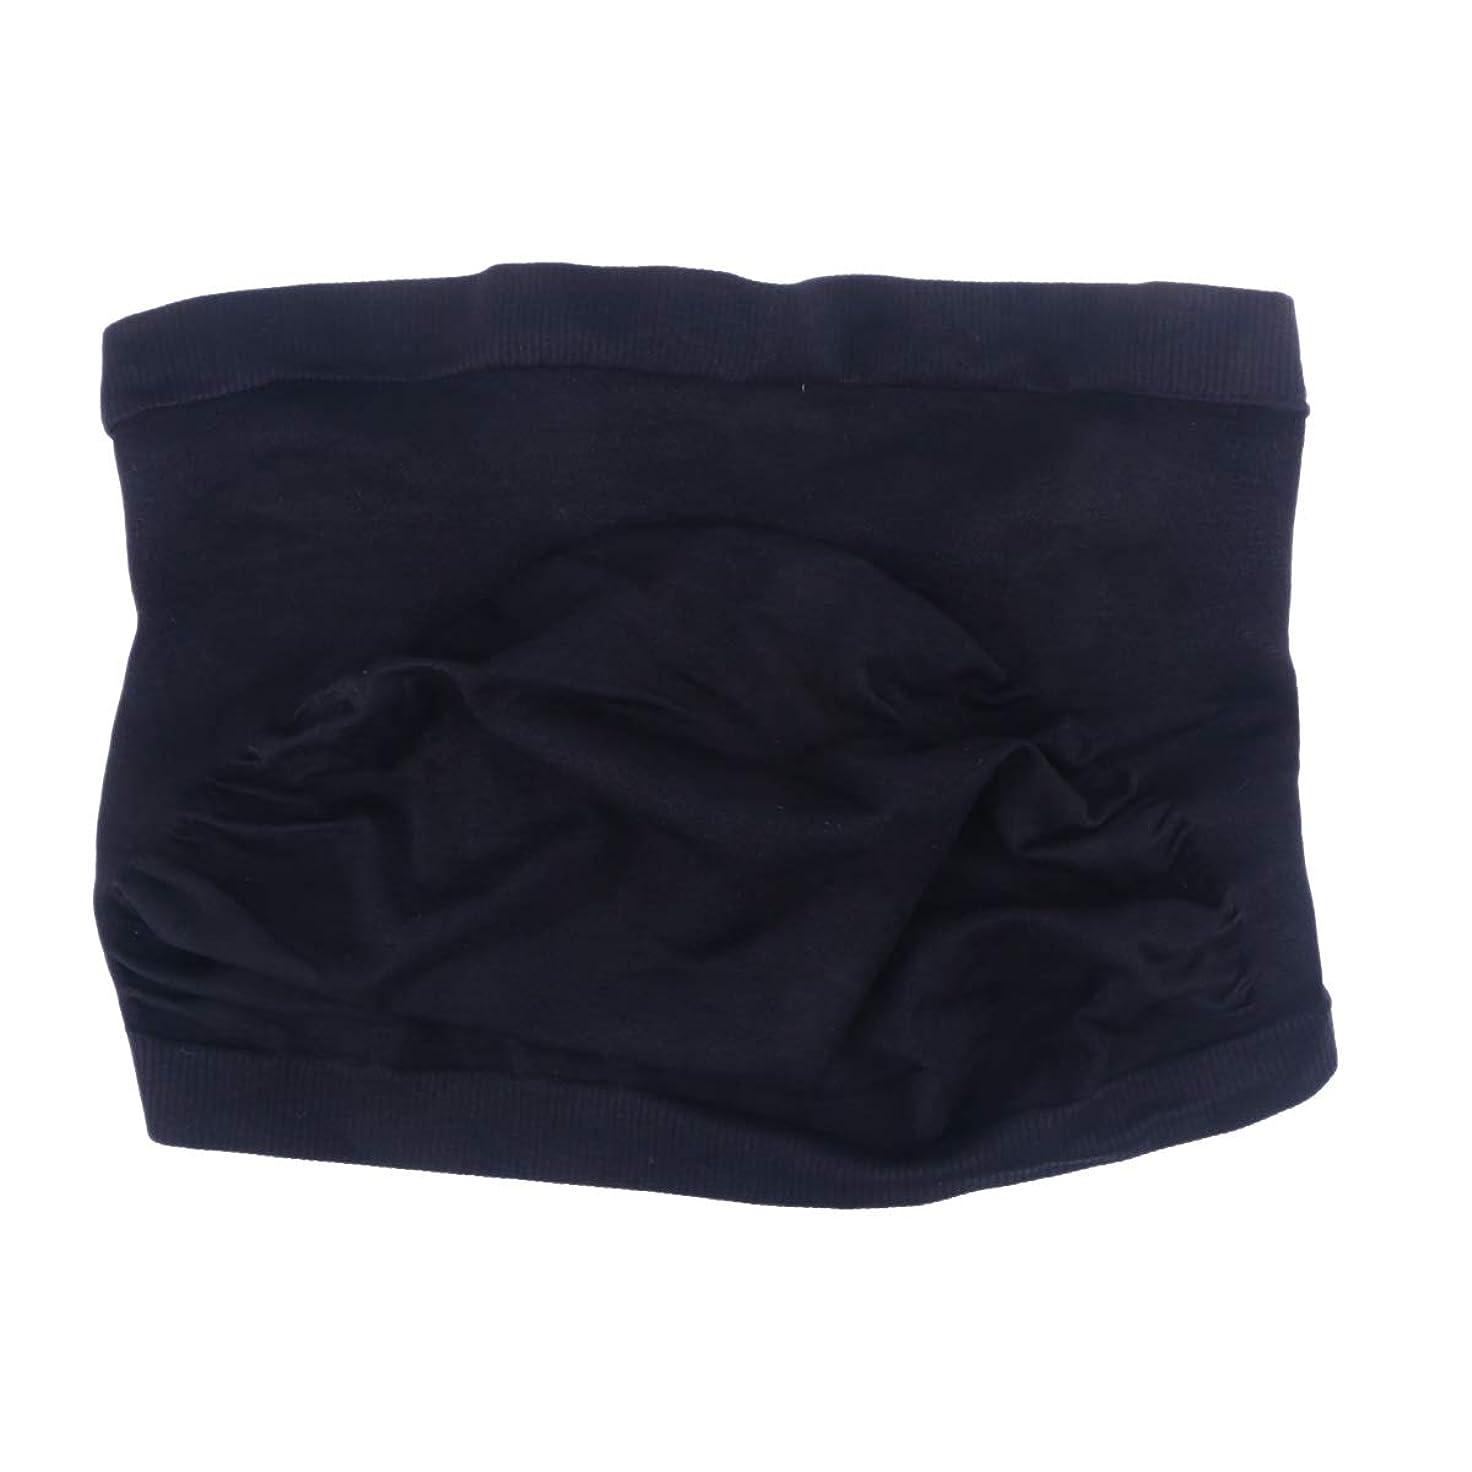 余韻バウンス圧力Healifty 妊婦 マタニティベルト 産前産後 腹部サポートベルト 骨盤ベルト 腰痛対策 冷房対策 通気性良 簡単装着 サイズL (黒)